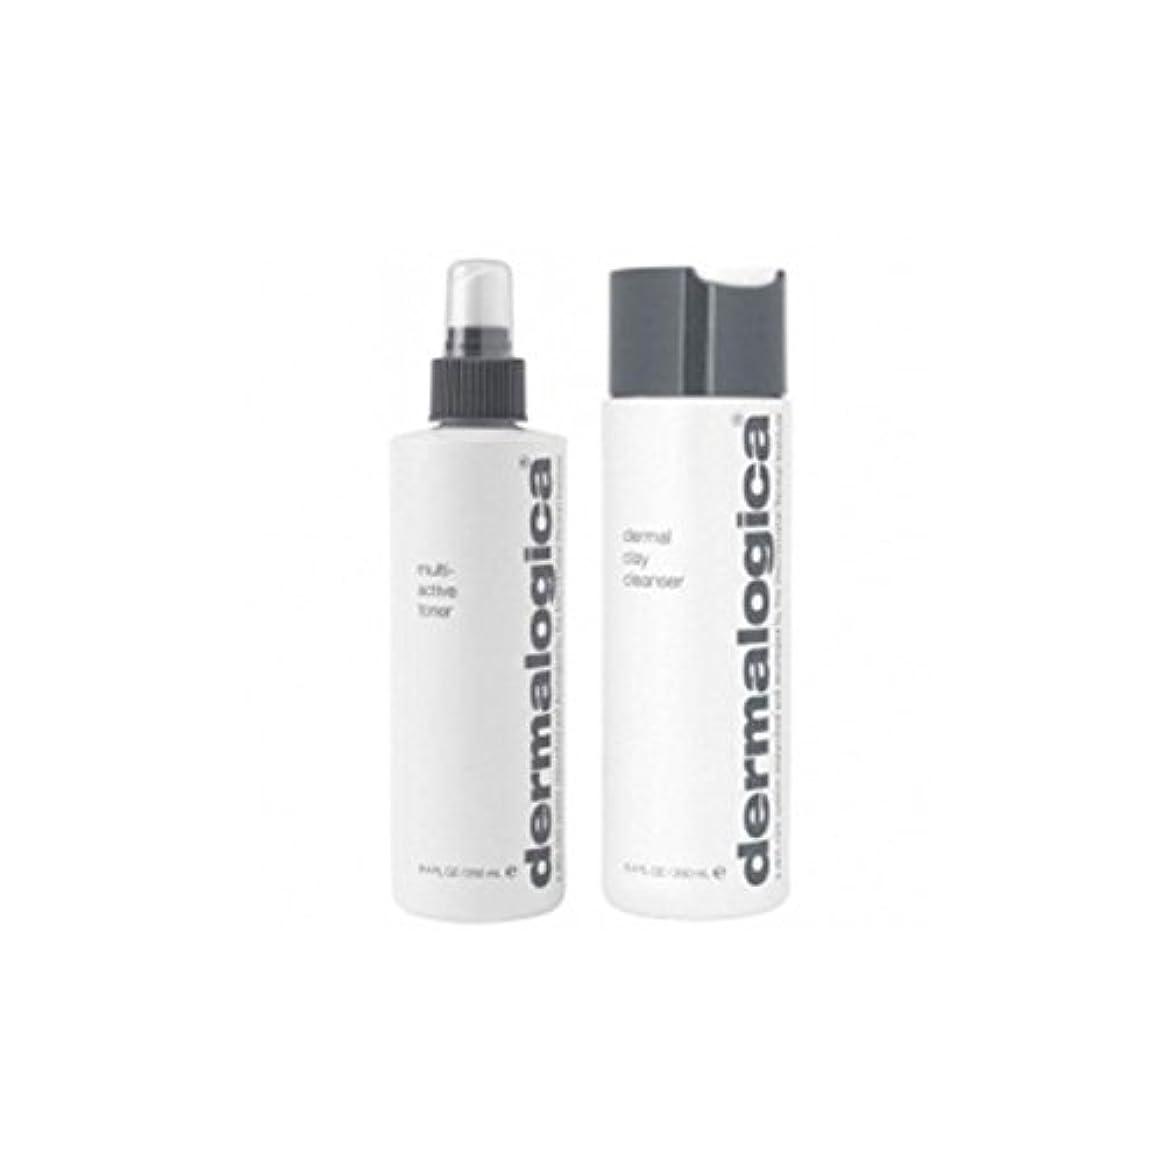 検出可能非常に怒っていますゆでるDermalogica Cleanse & Tone Duo - Oily Skin (2 Products) - ダーマロジカクレンジング&トーンデュオ - 脂性肌(2製品) [並行輸入品]